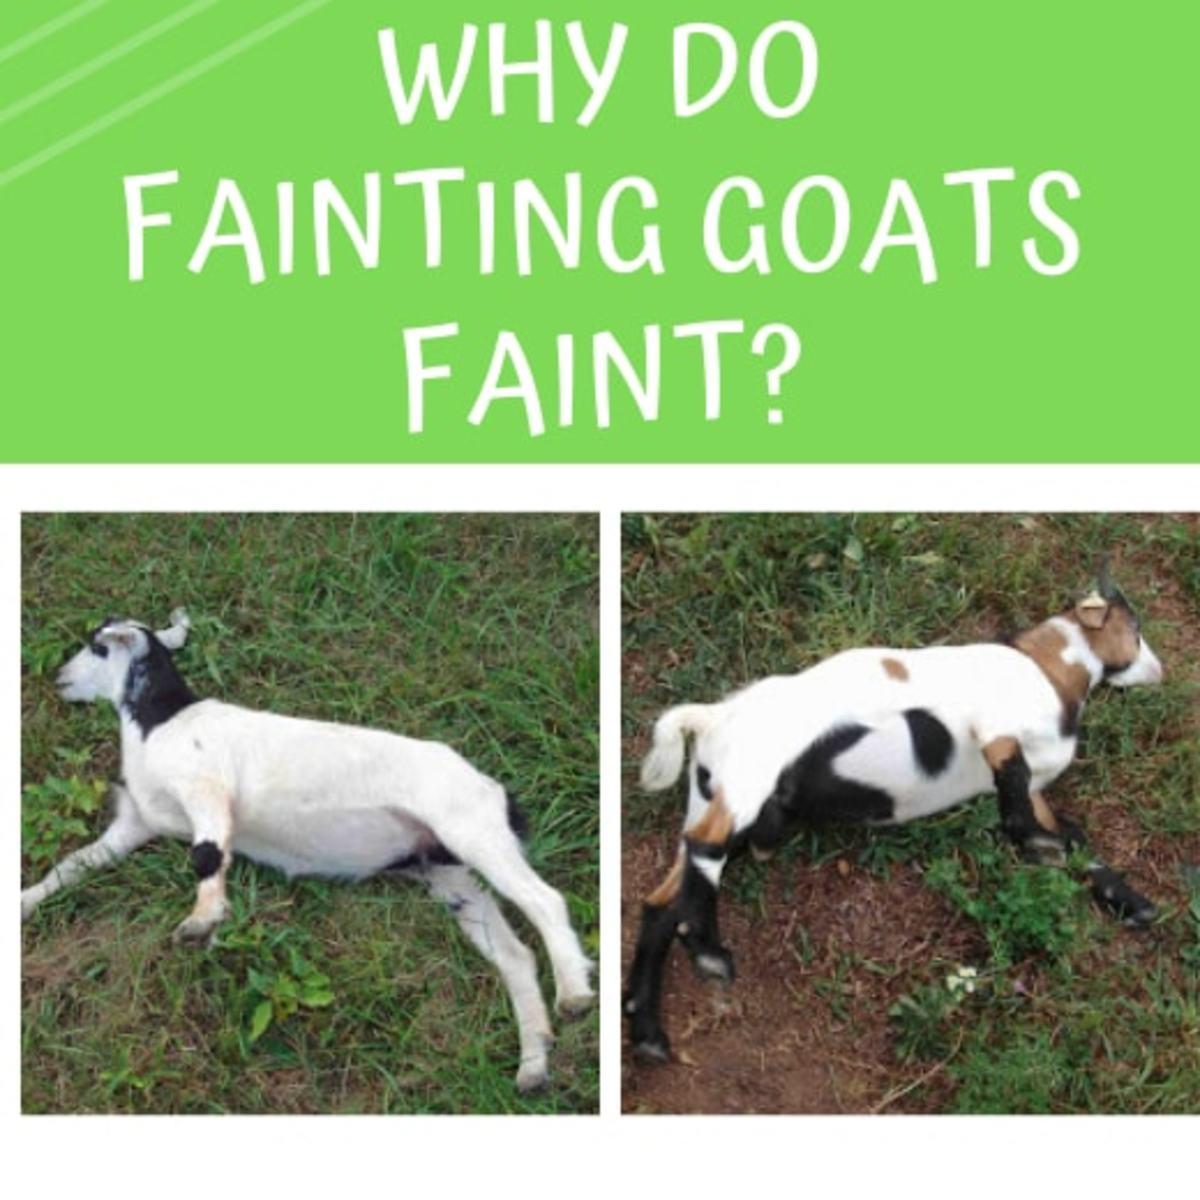 Fainting Goats: Why Do They Faint?